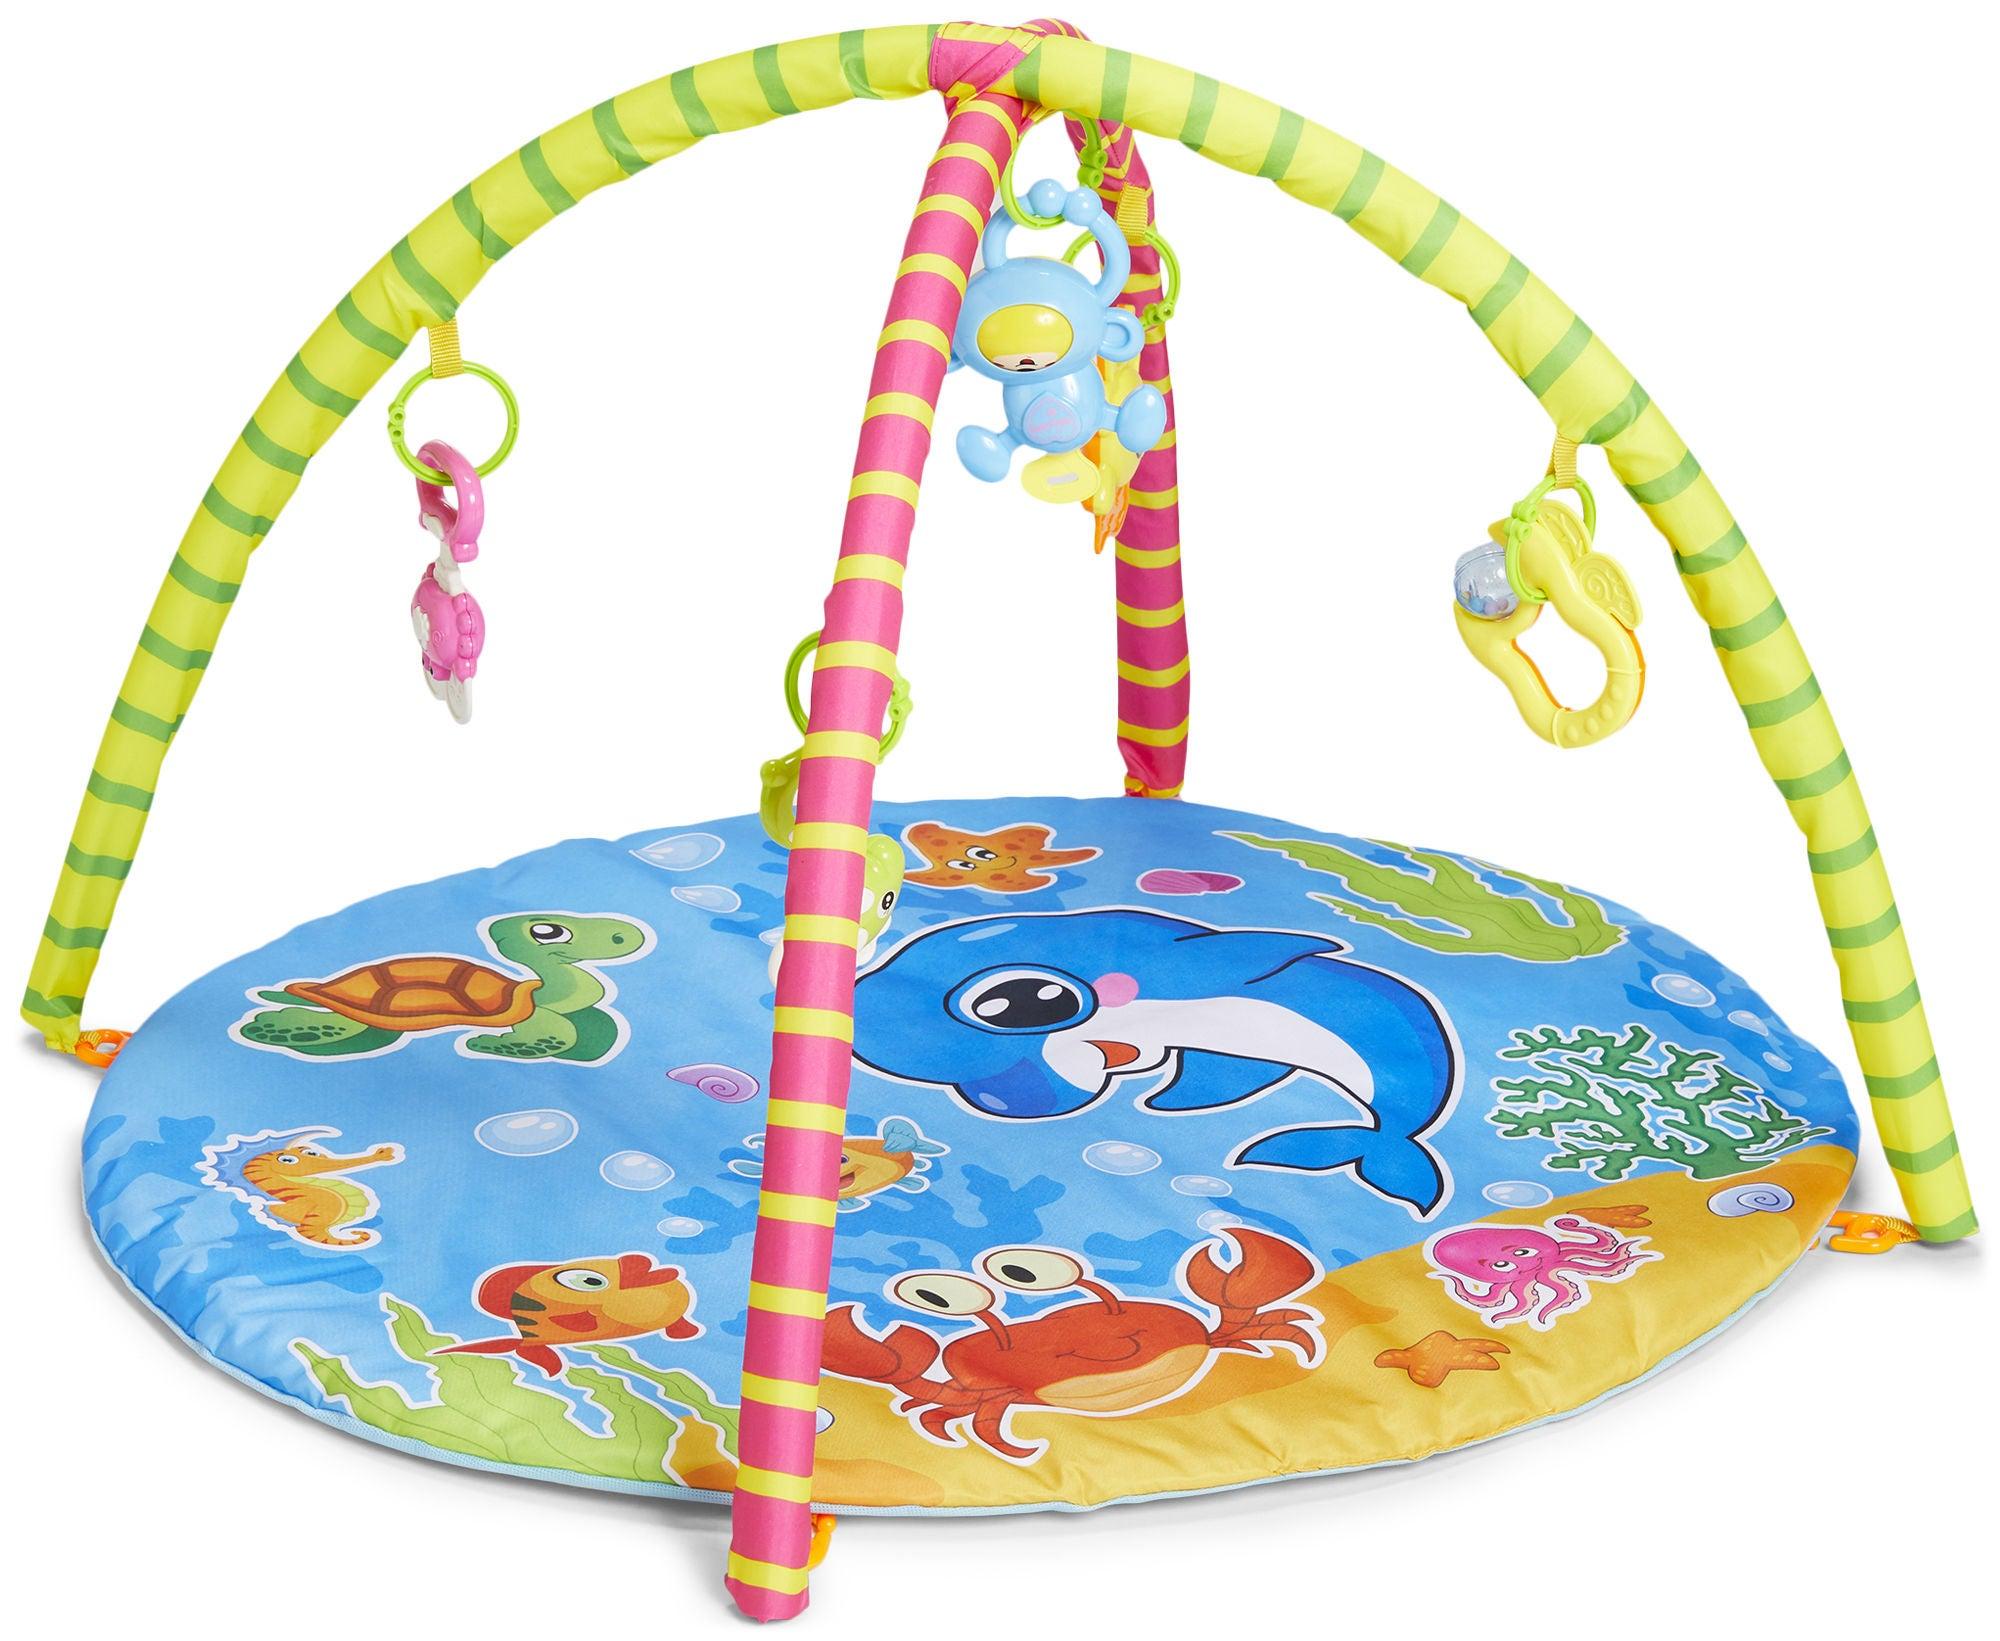 Beemoo Ocean Babygym